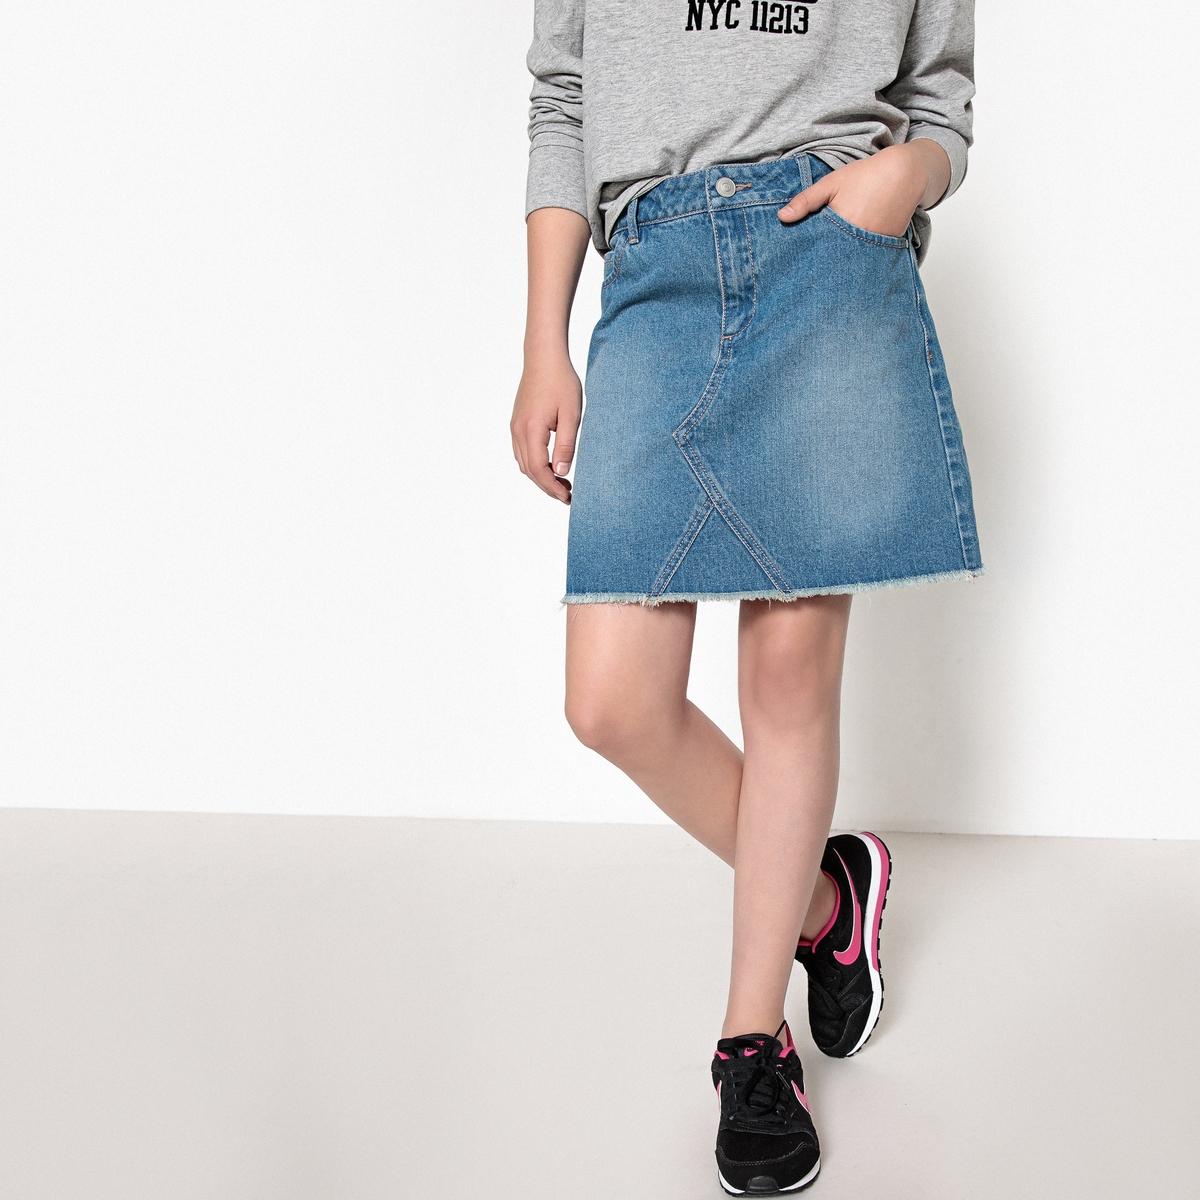 Юбка прямая джинсовая 10-16 лет юбка джинсовая прямая